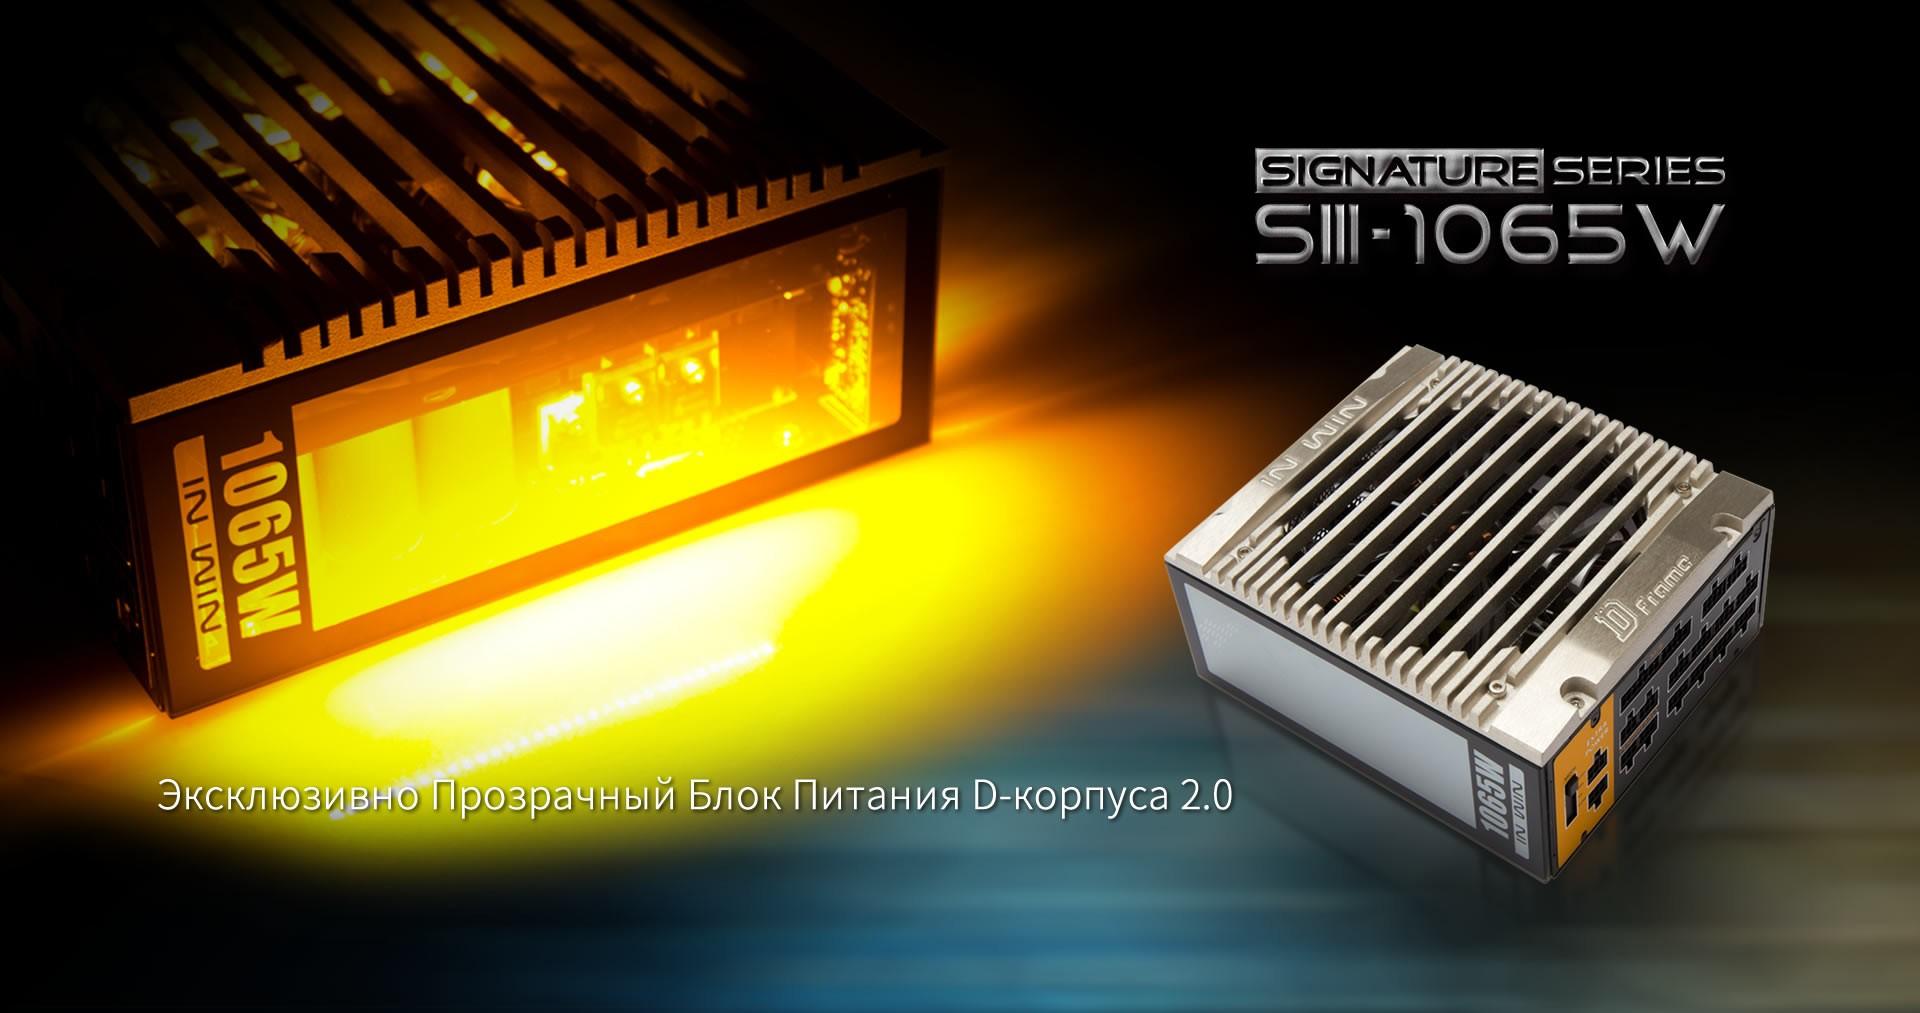 SIII-1065W